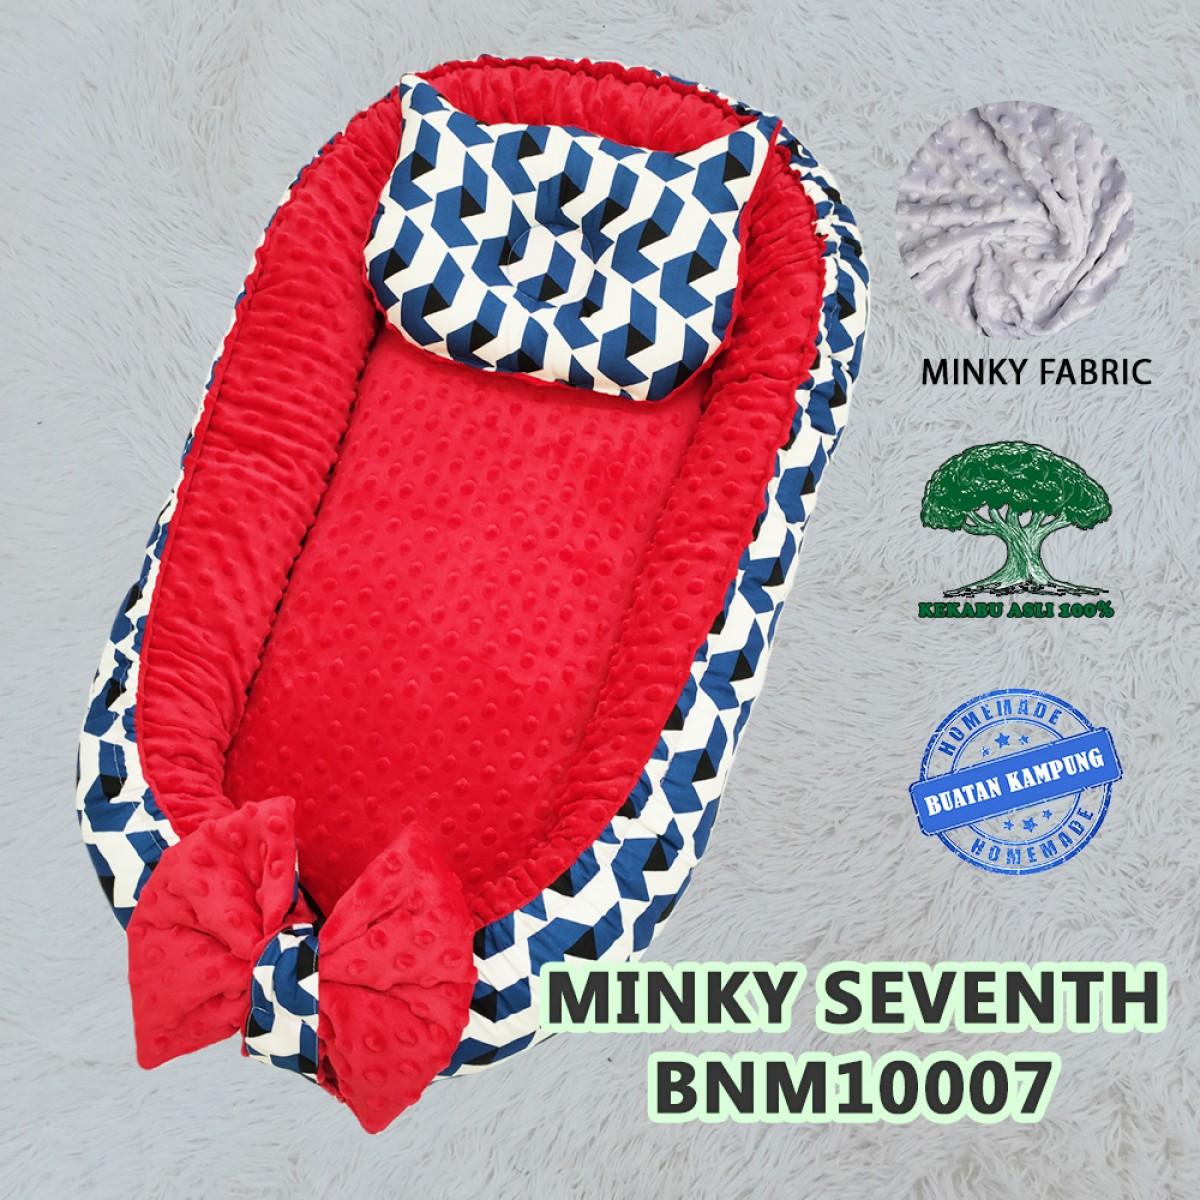 Minky Seventh - Kico Baby Center